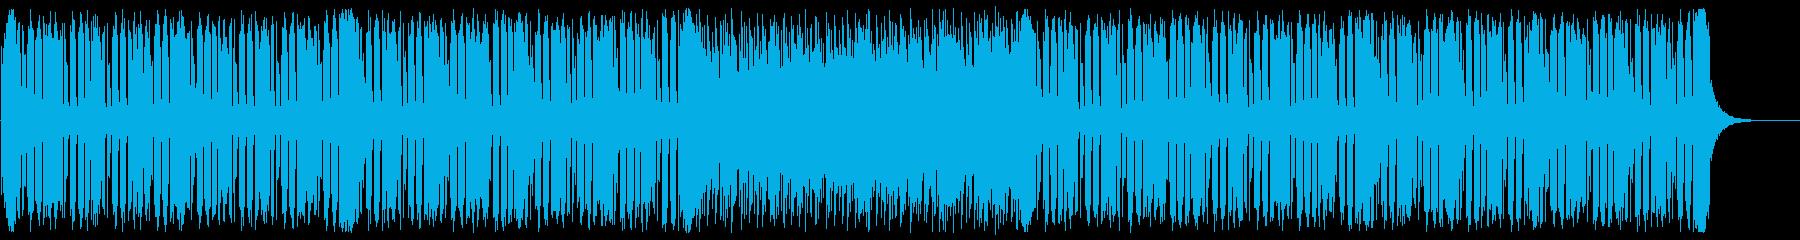 スタイリッシュなフューチャーベースの再生済みの波形